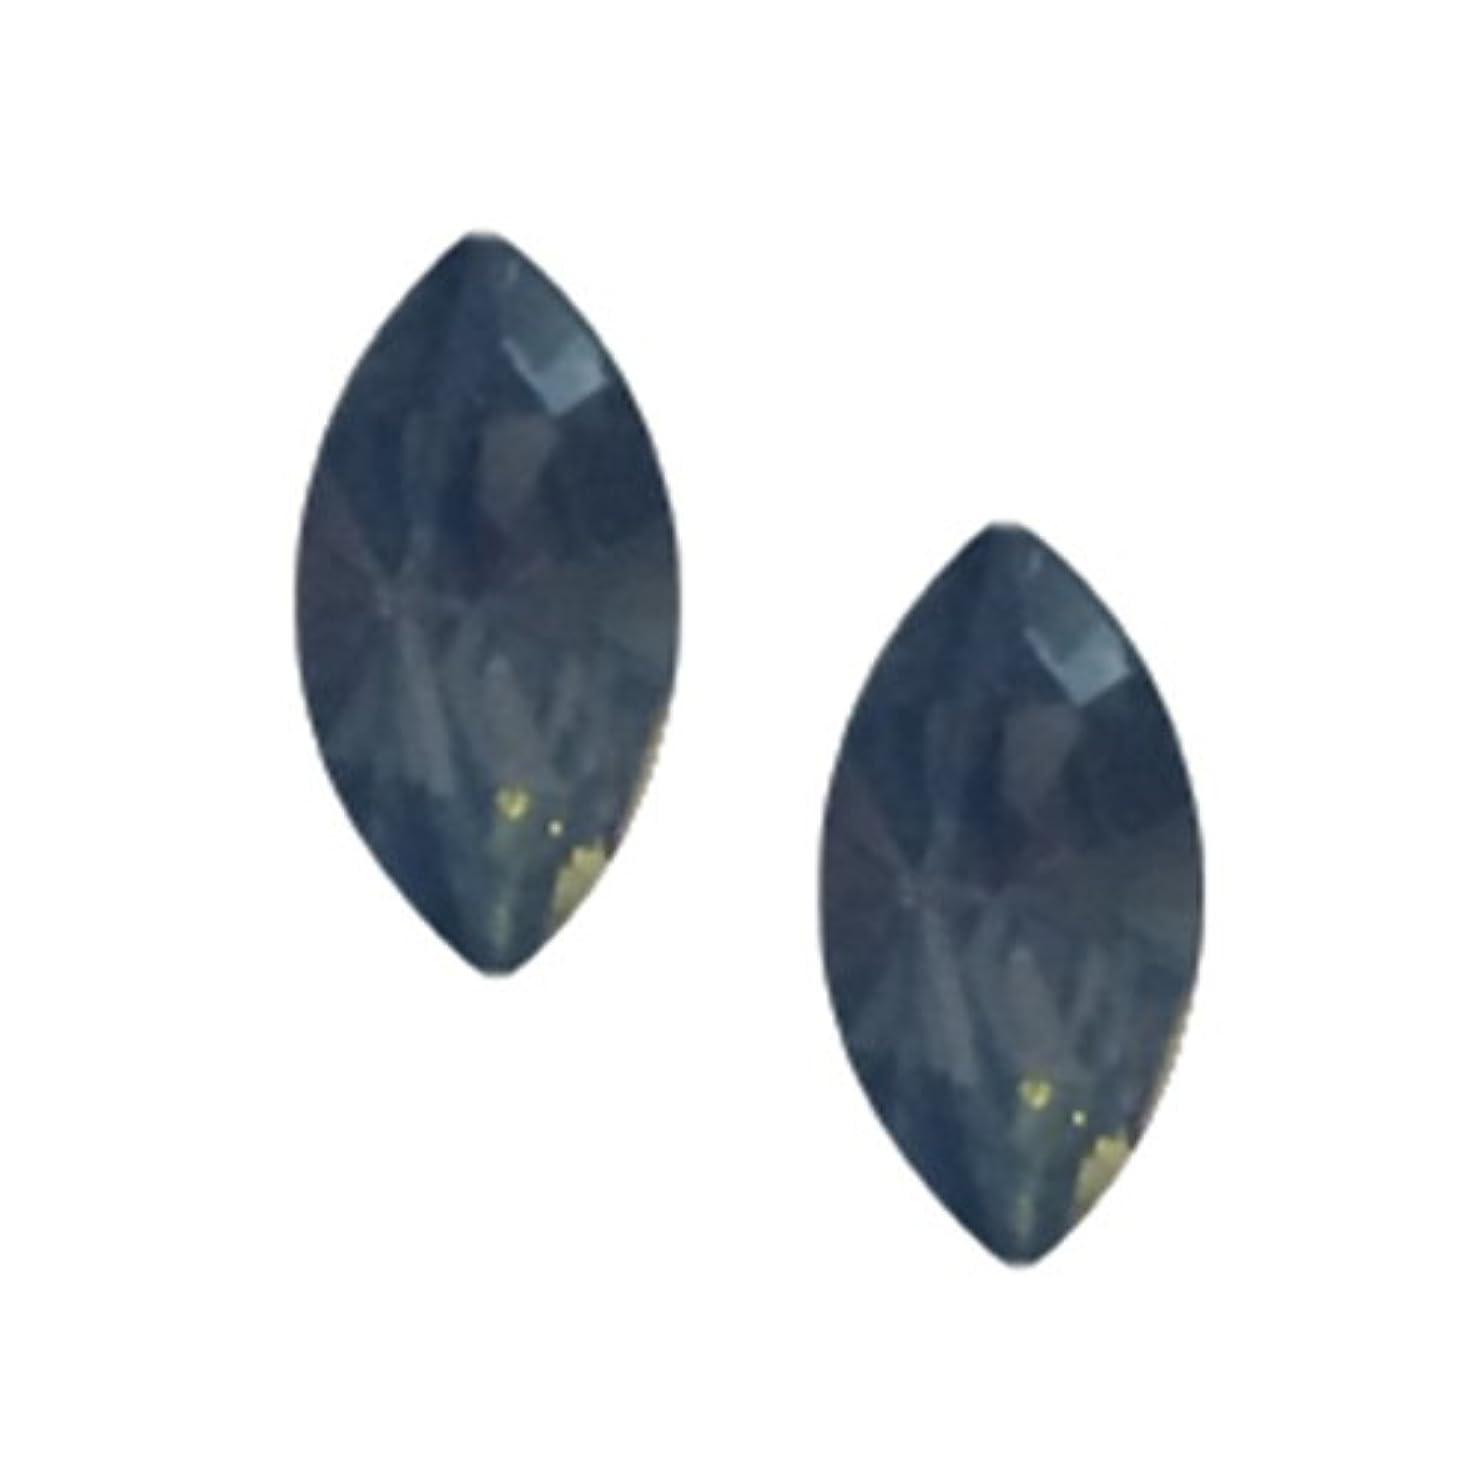 どこか経験コードレスPOSH ART ネイルパーツ馬眼型 3*6mm 10P ブルーオパール